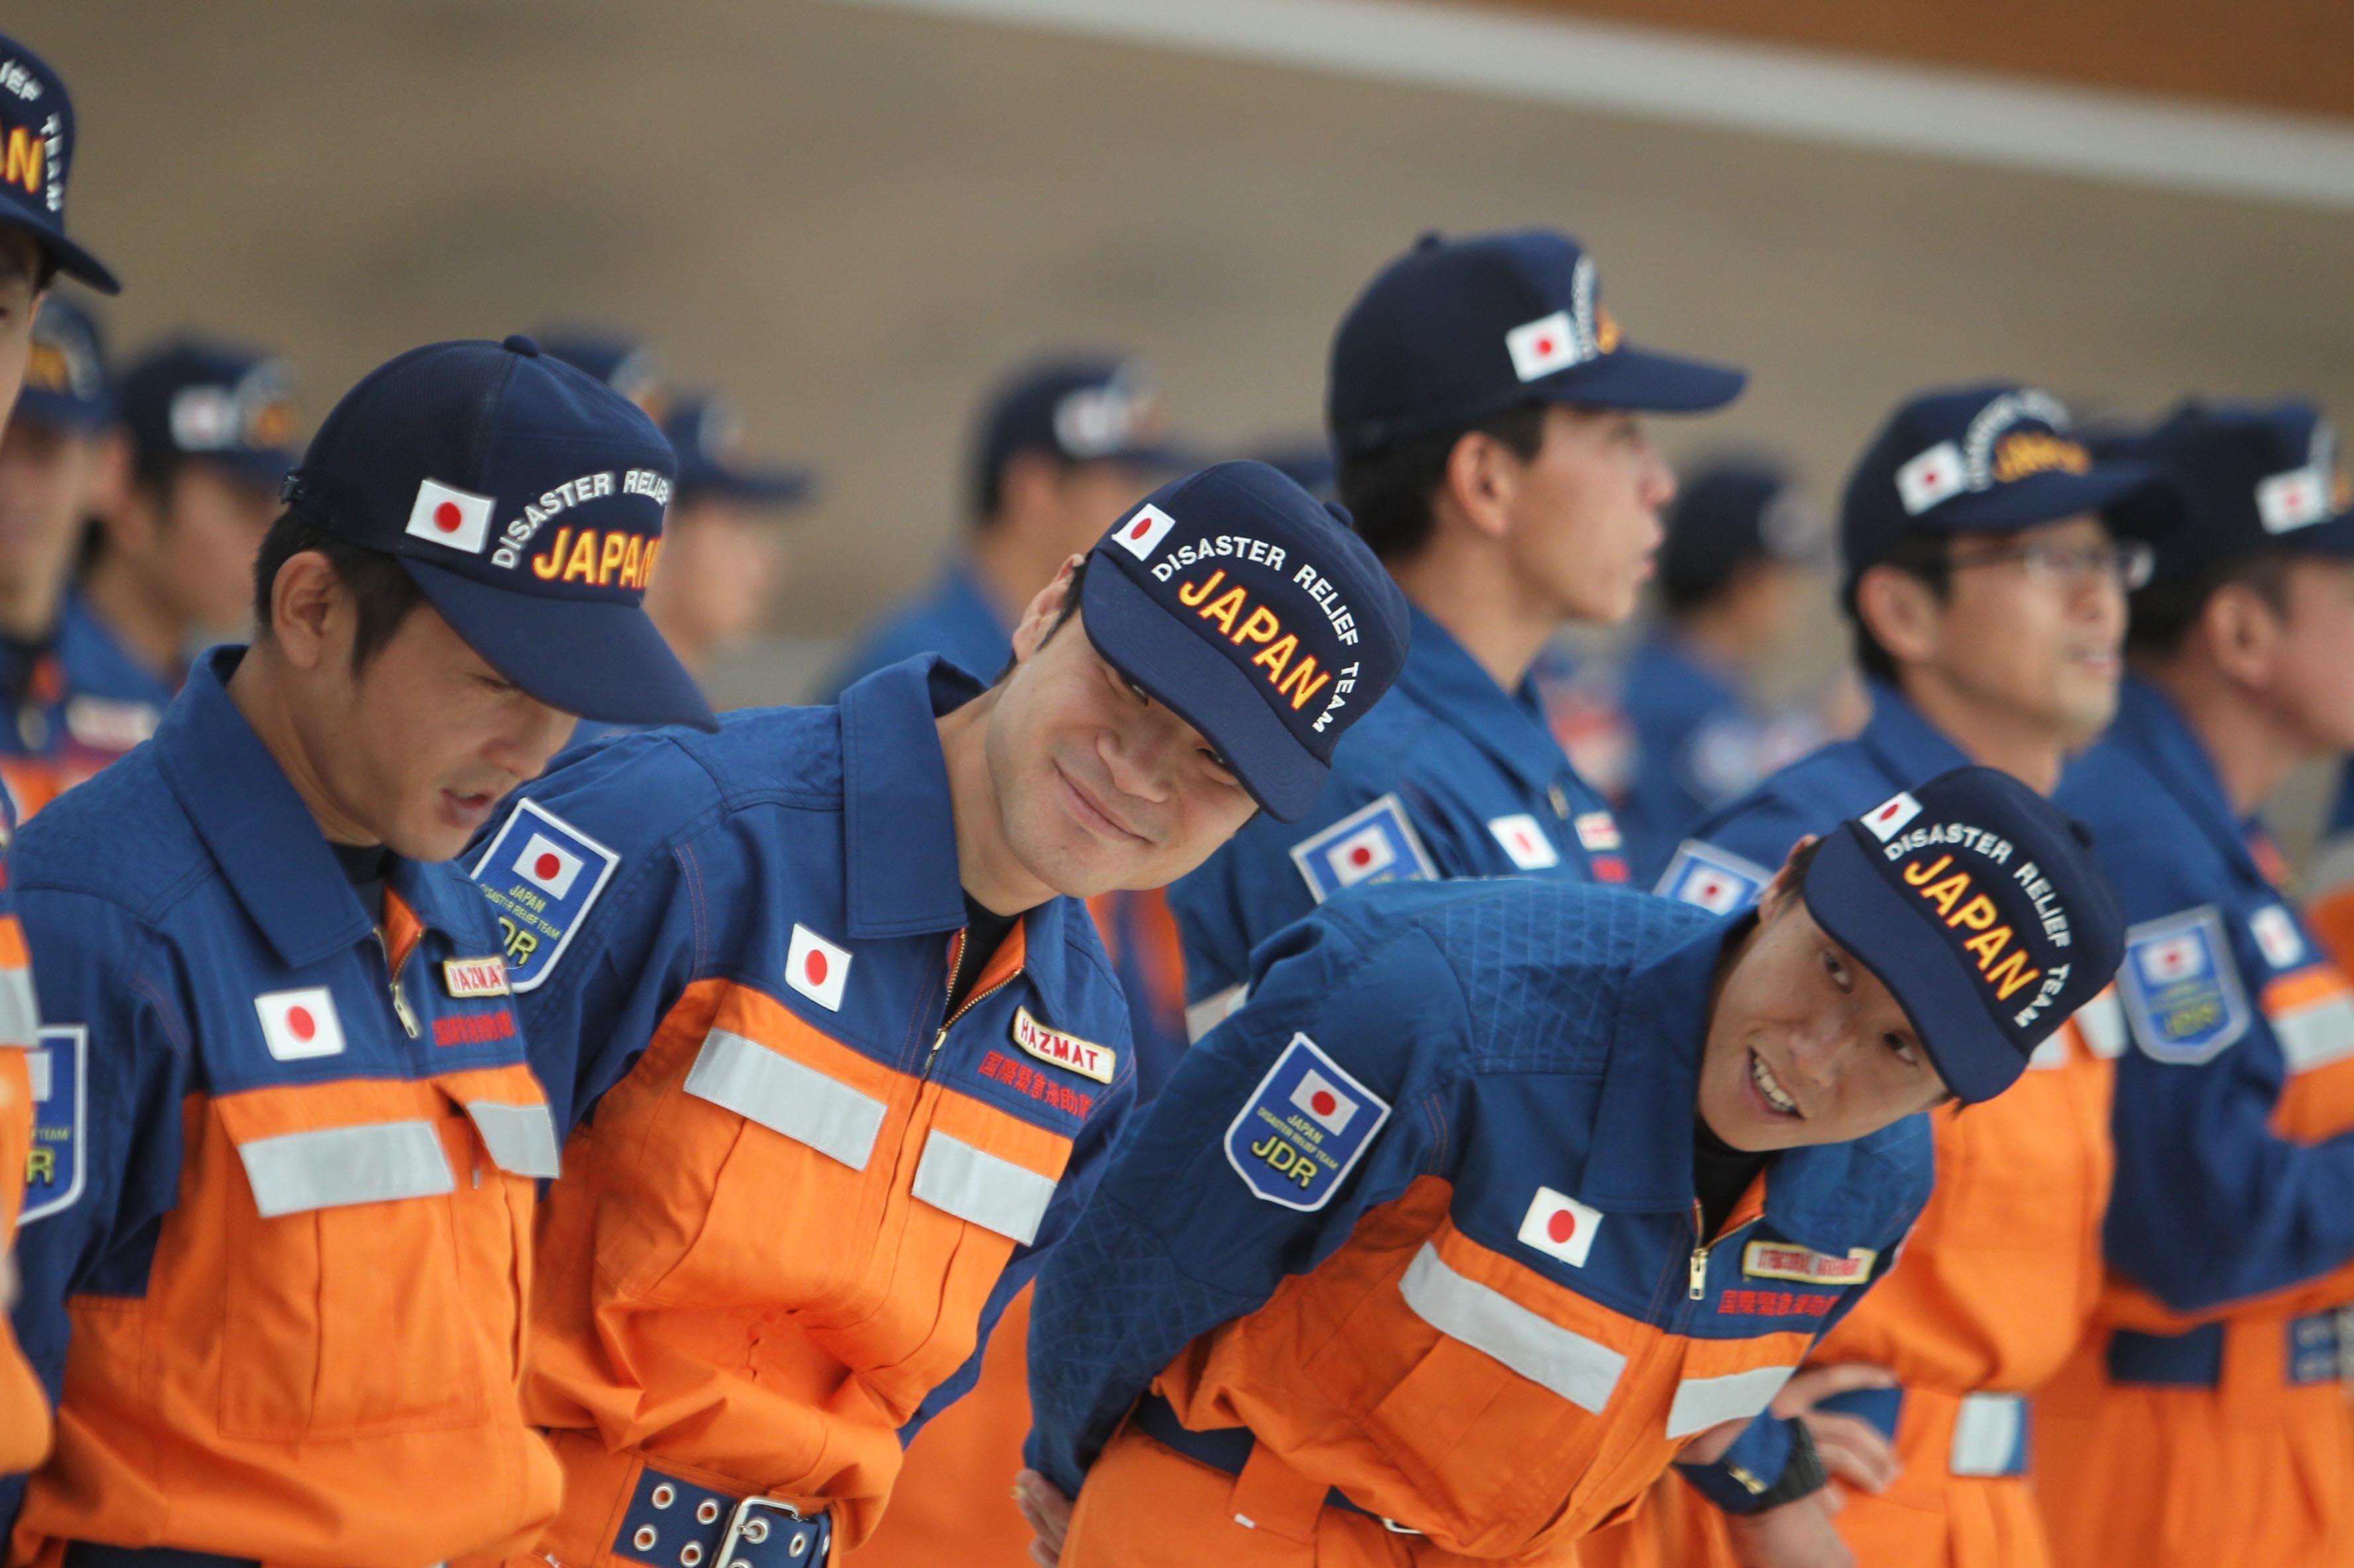 Los rescatistas de Japón